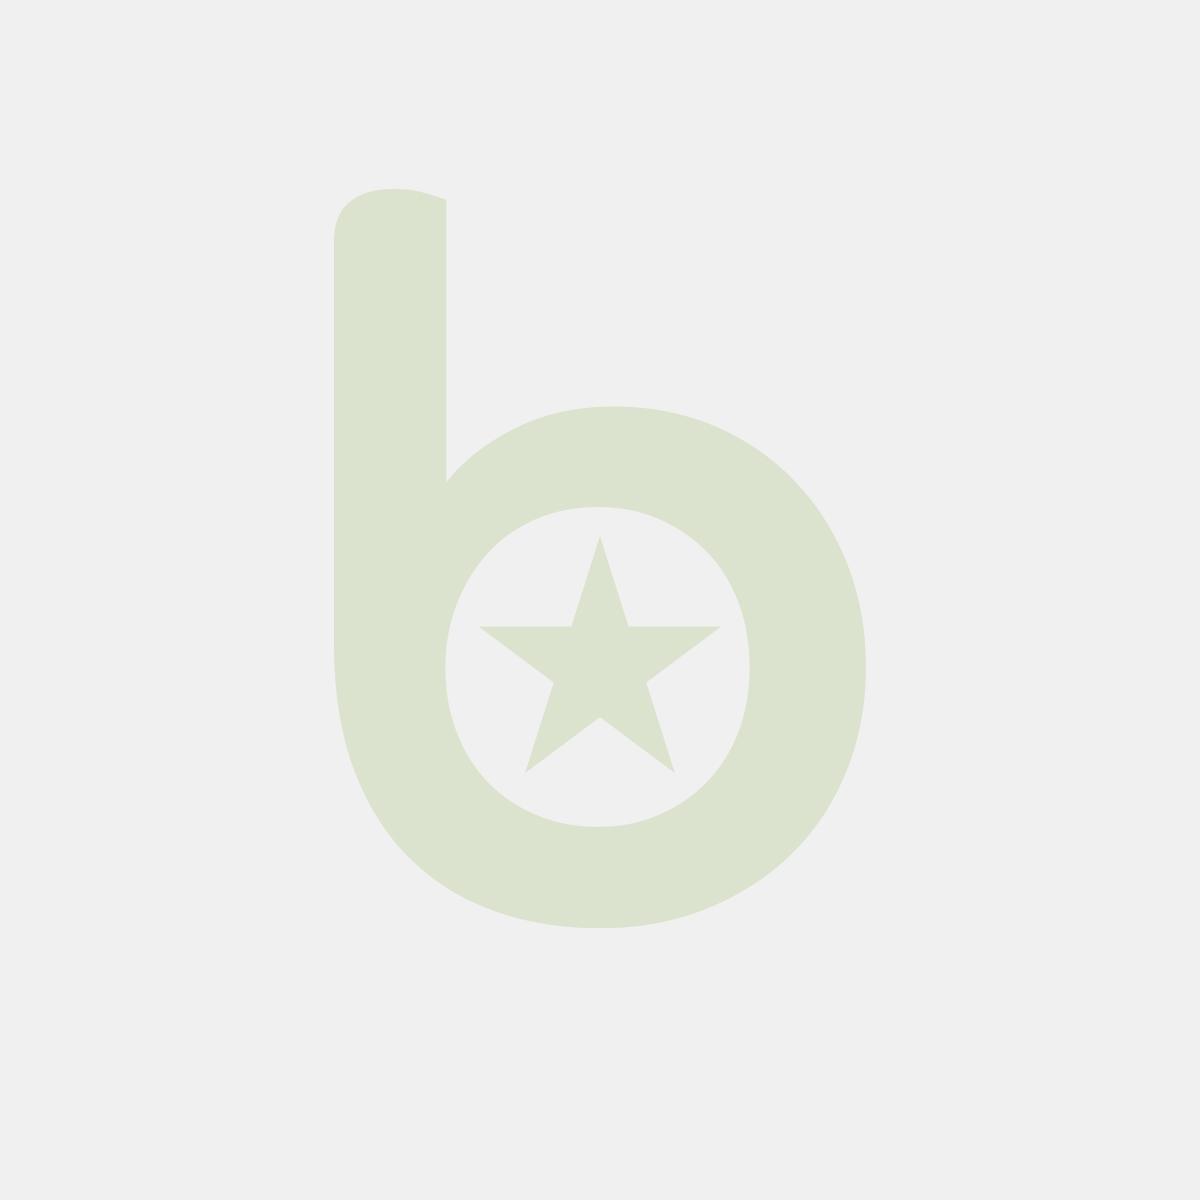 Siatka wędliniarska 18/36/3/EB rolka 50m